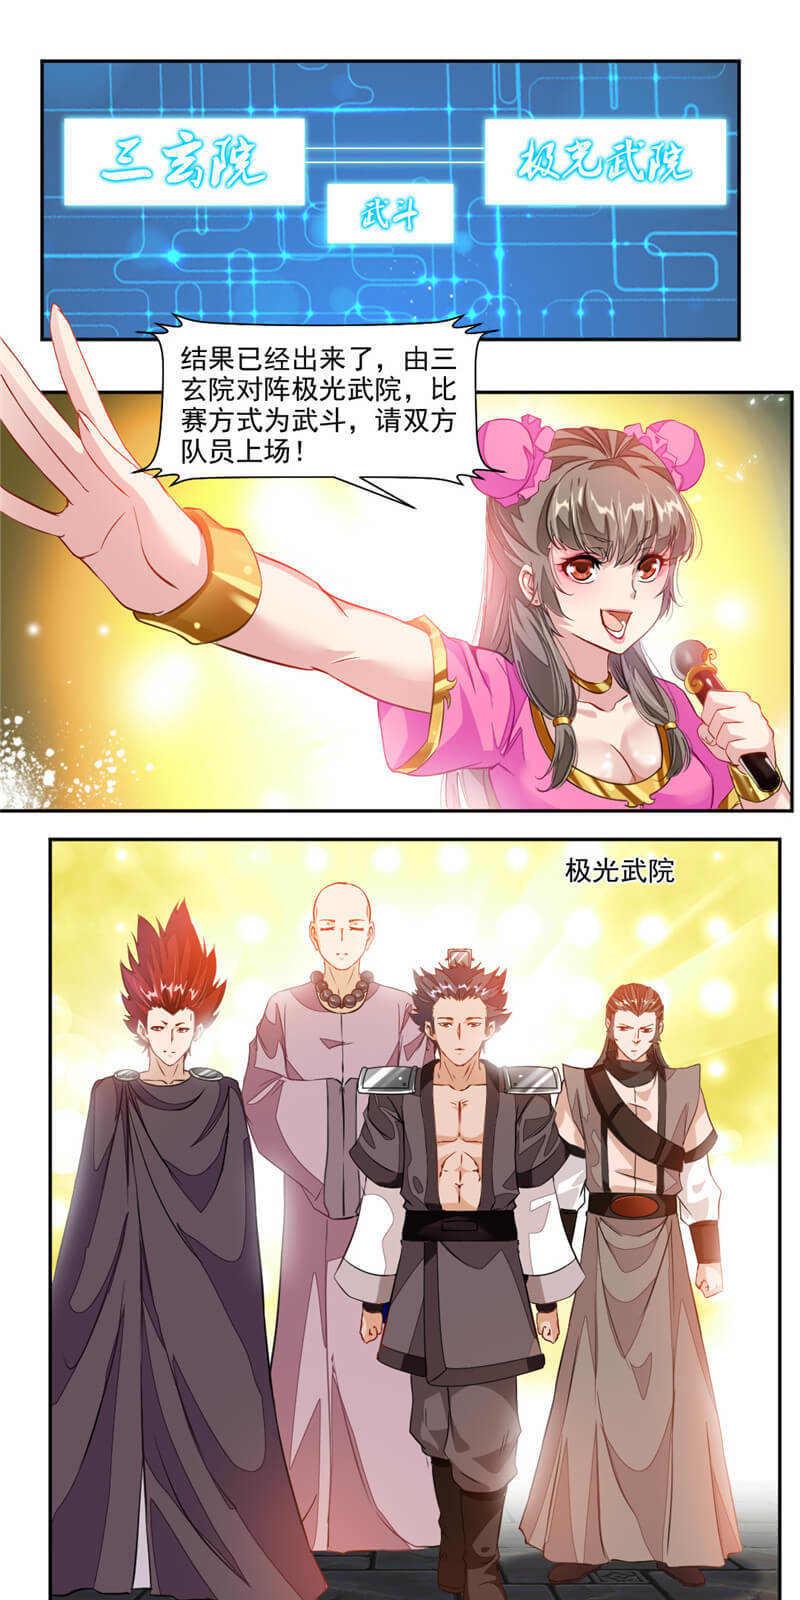 九阳神王第42话  潜龙武道大会 第 10